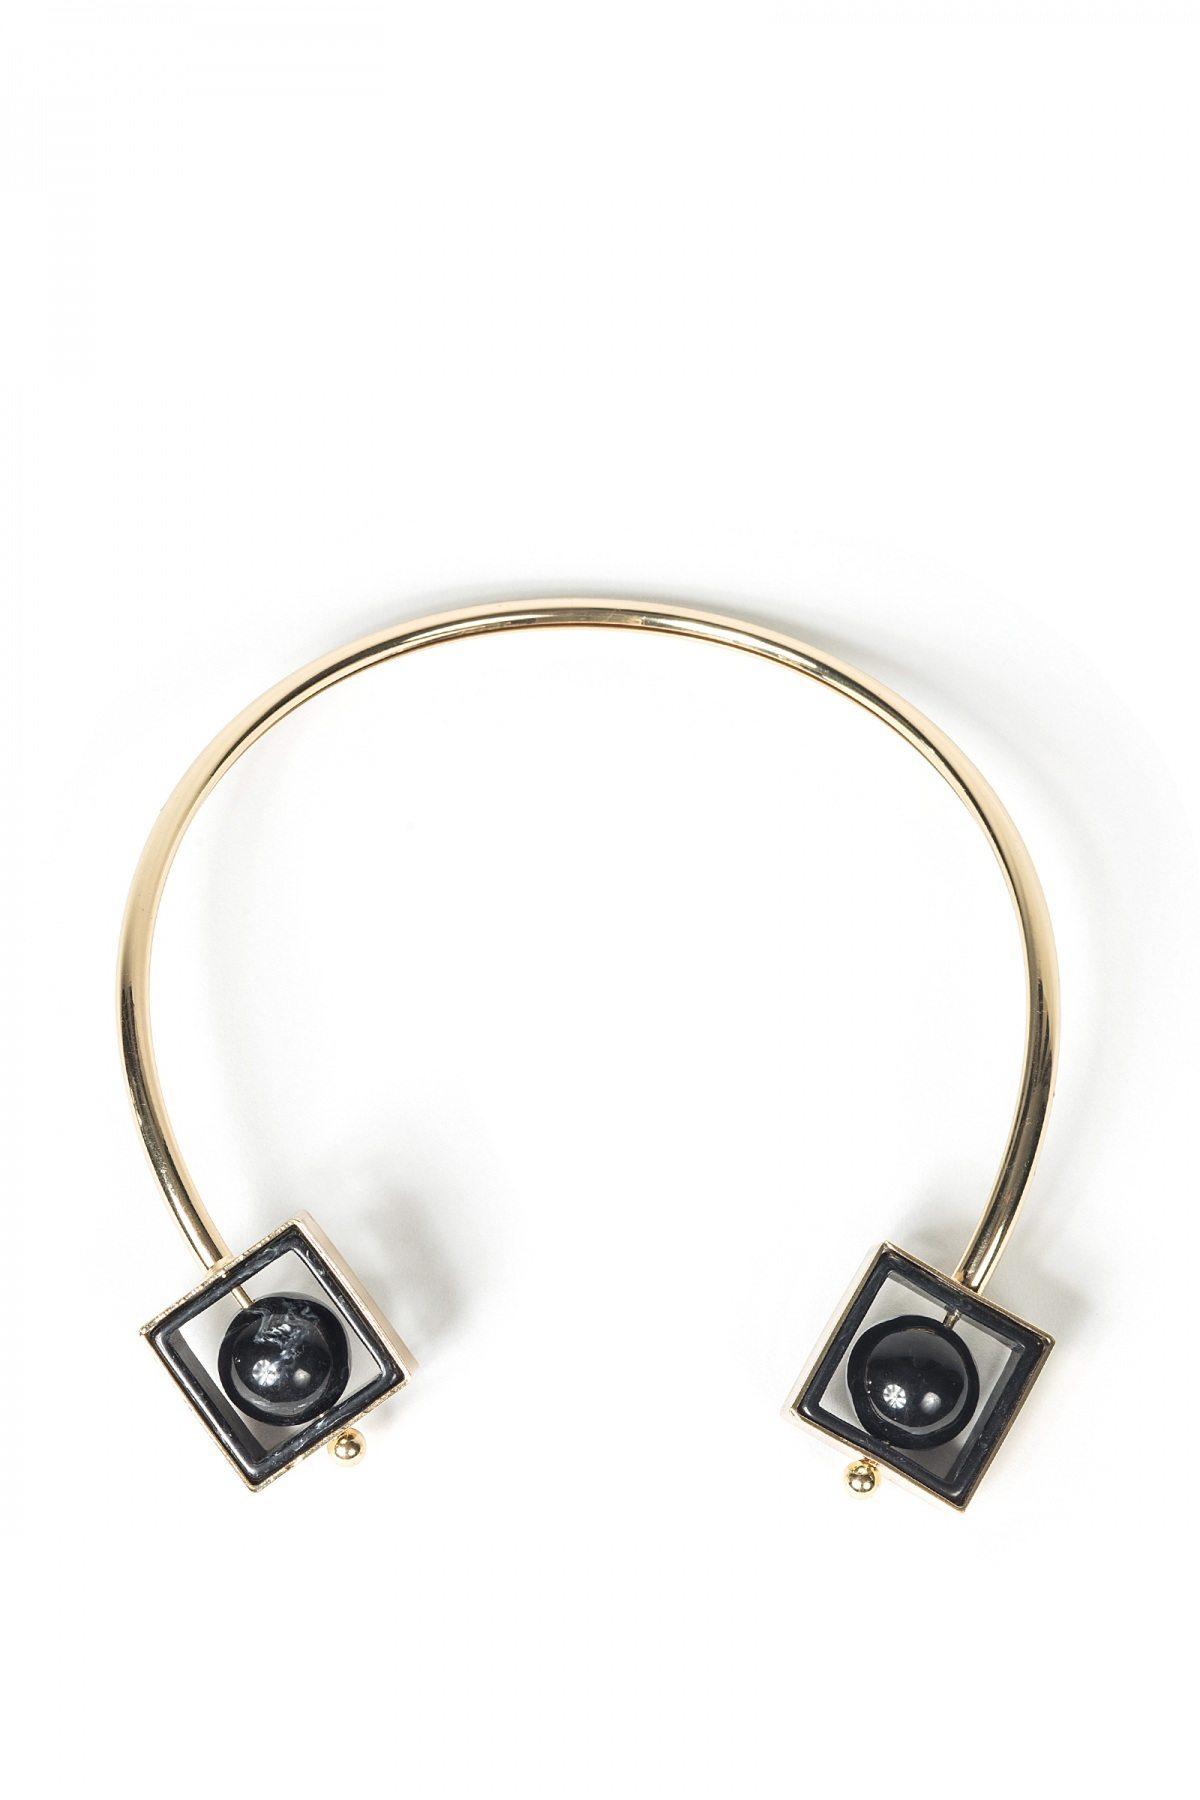 Colier elegant cu forme geometrice Auriu/Negru